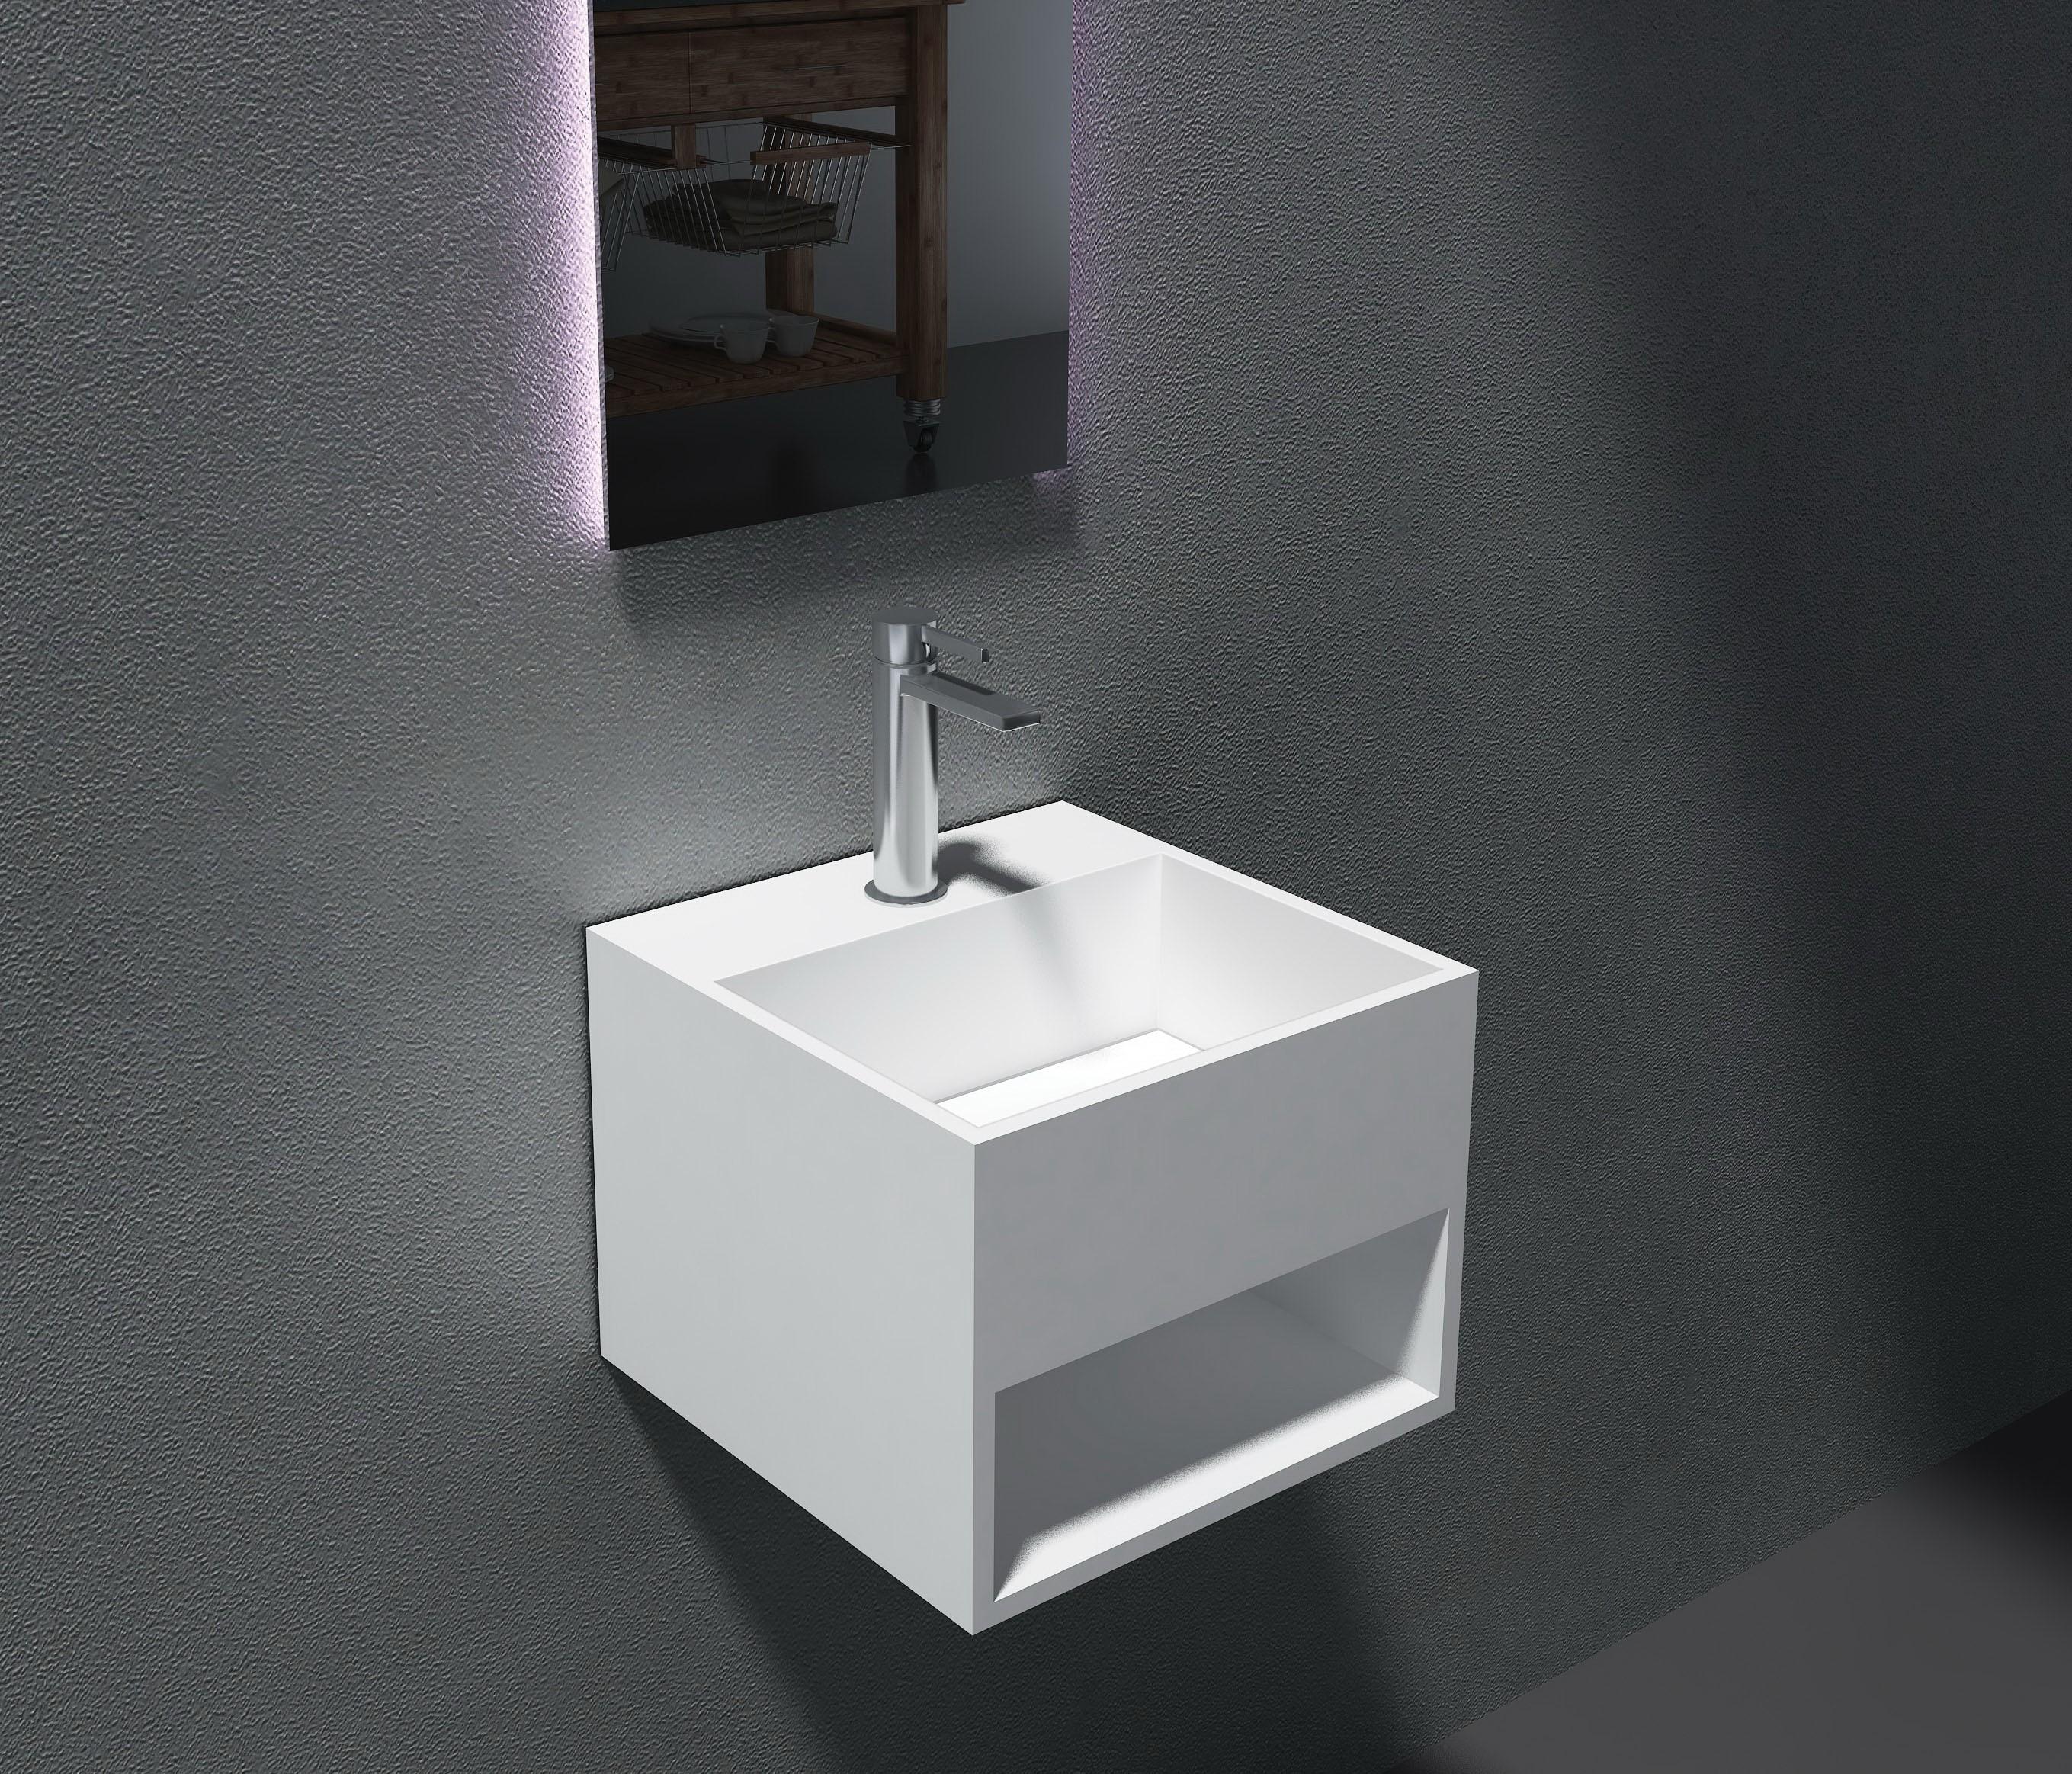 Come Pulire Il Lavabo In Resina lavabo sospeso con spazio accessori pb2035 -32,5 x 32,5 x